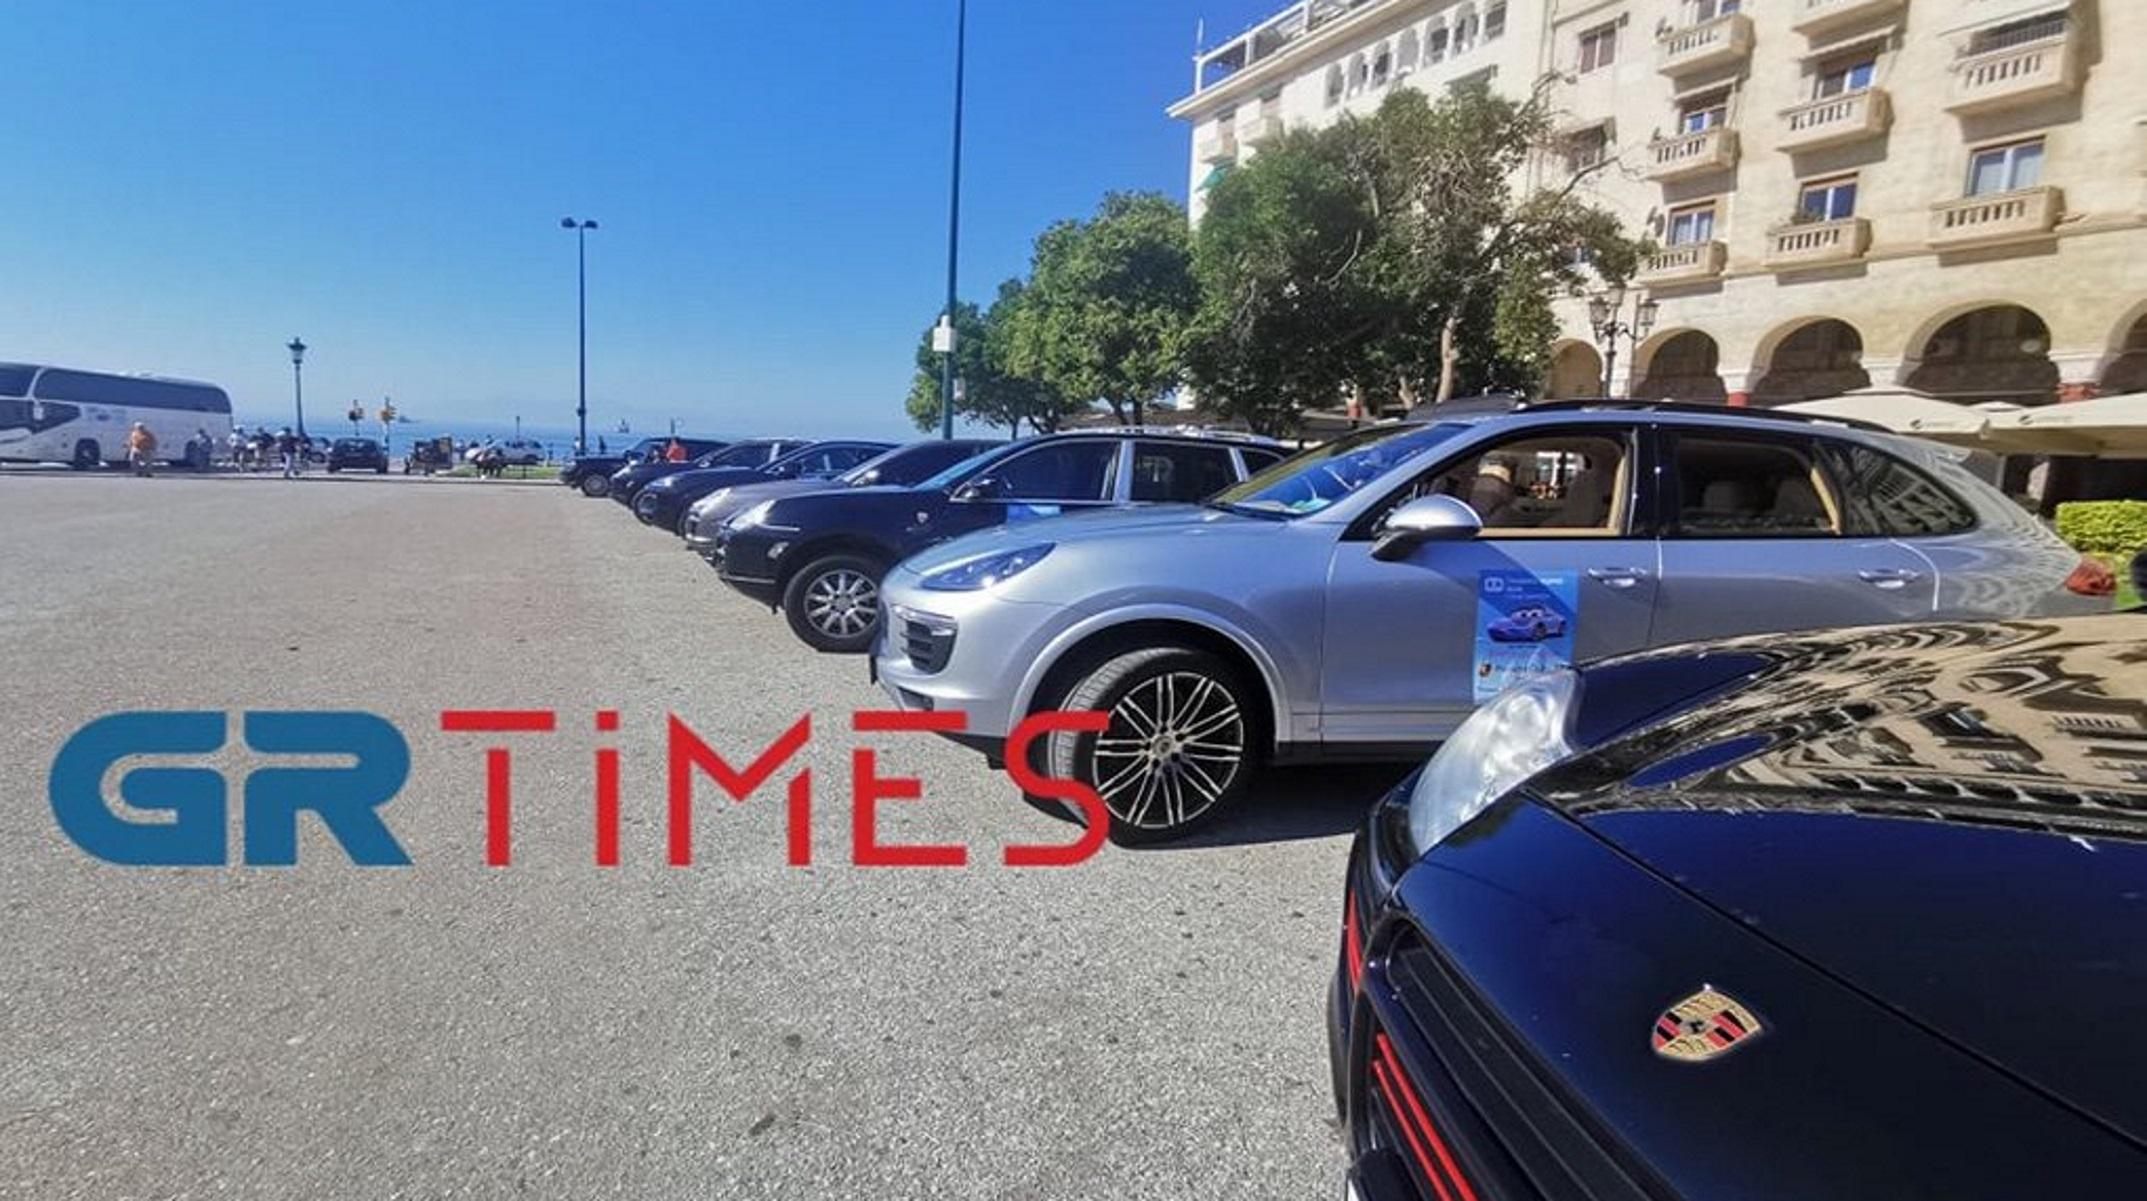 «Παρέλαση» Porsche στην Αριστοτέλους με λιλιπούτειους συνοδηγούς – Δείτε βίντεο